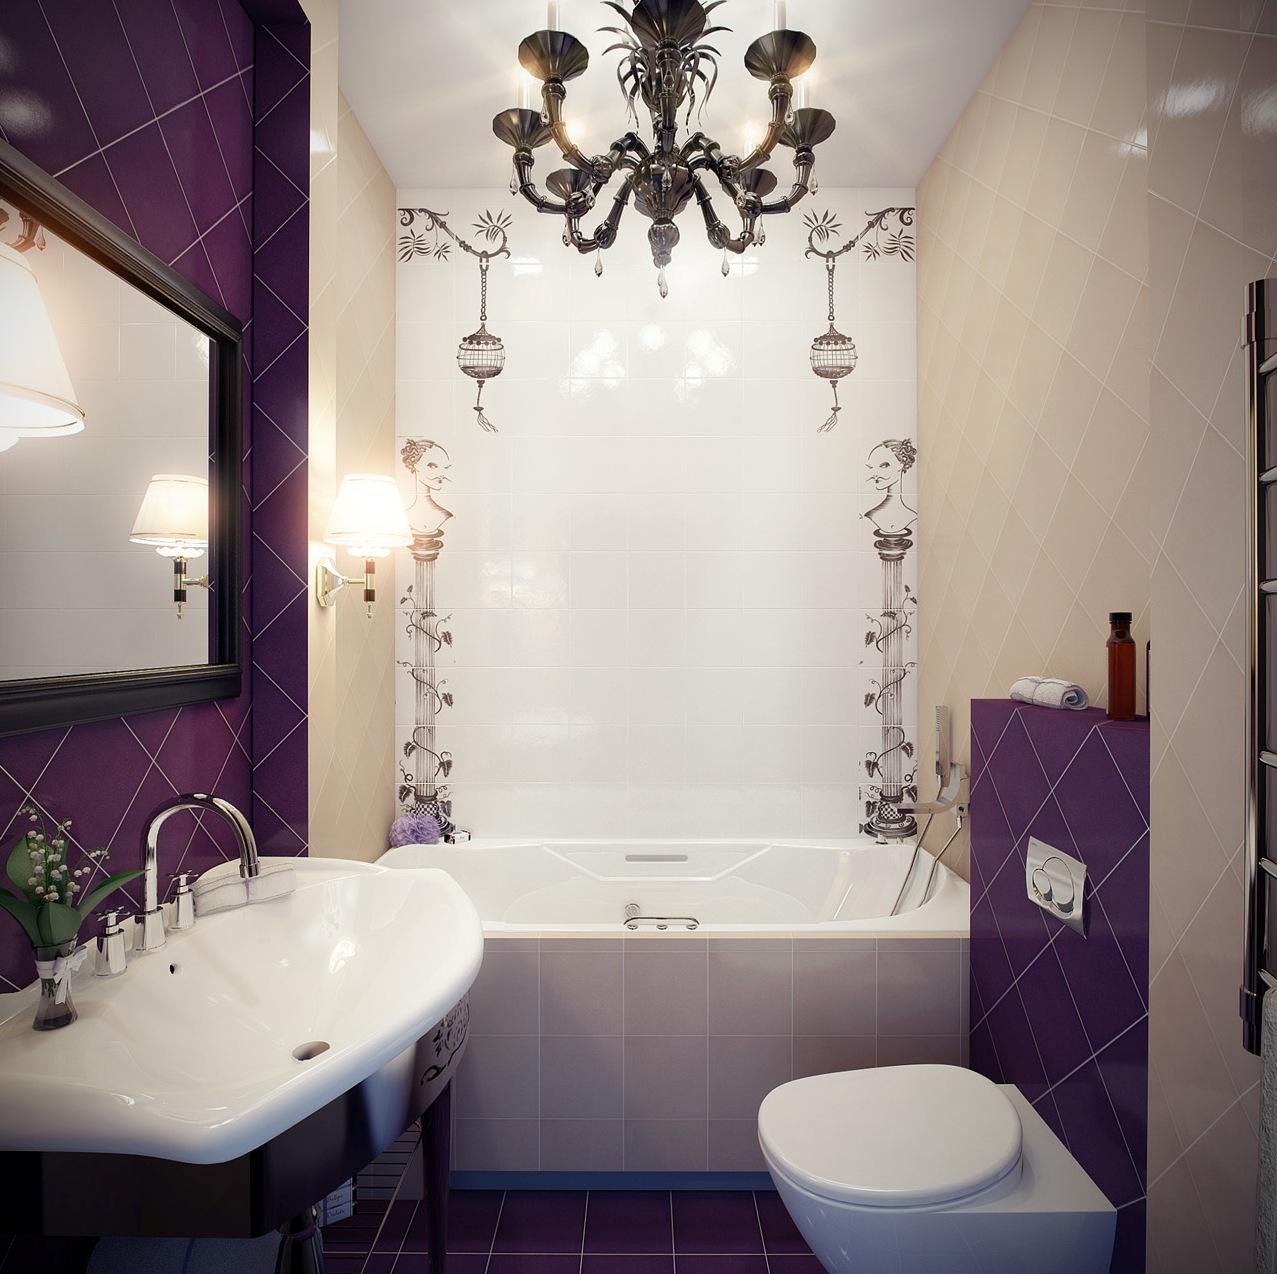 Ванные комнаты с душевой дизайн фото